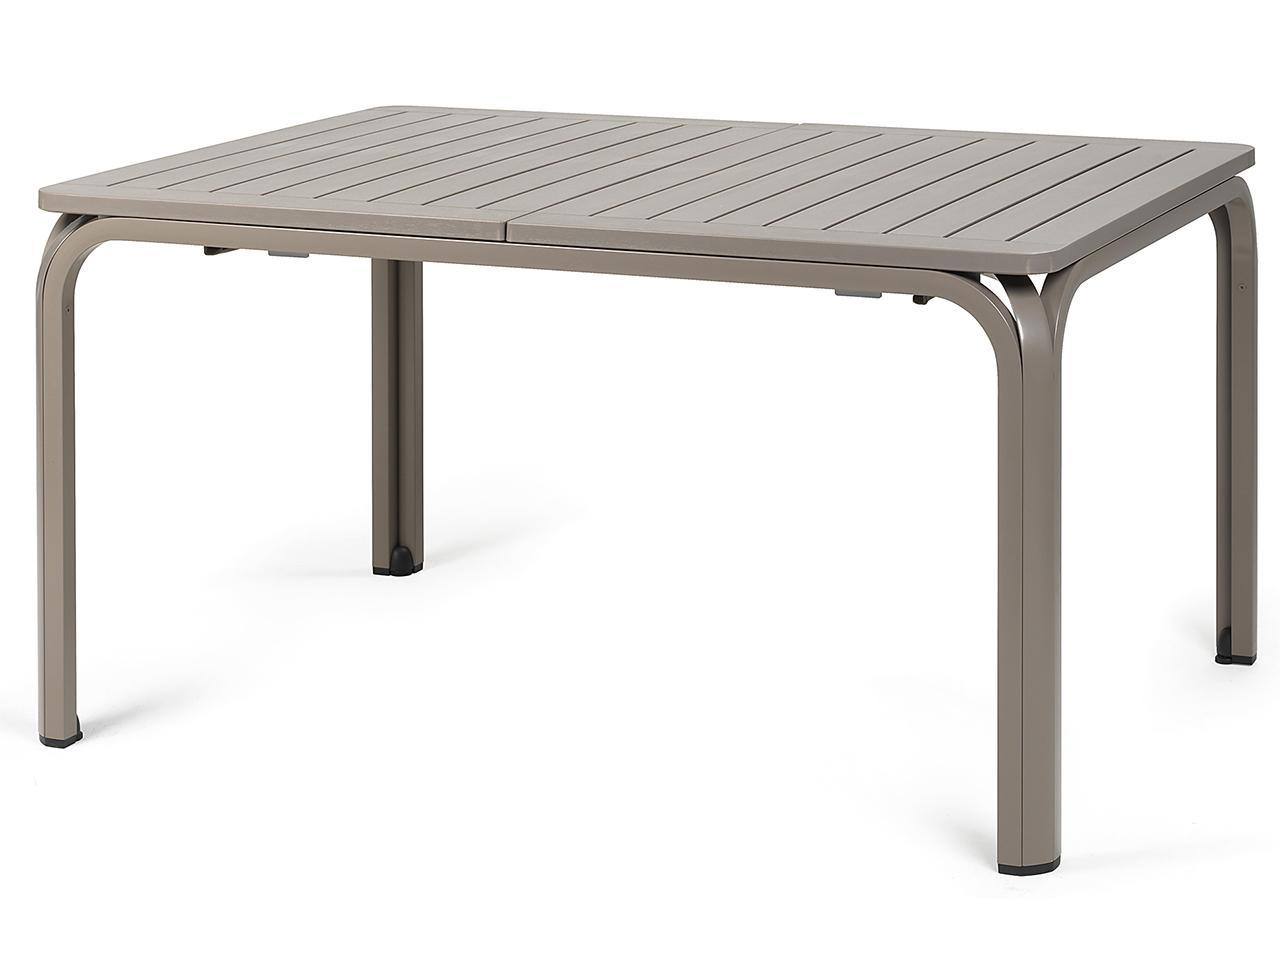 Стол пластиковый раздвижной 144 Extensible Alloro